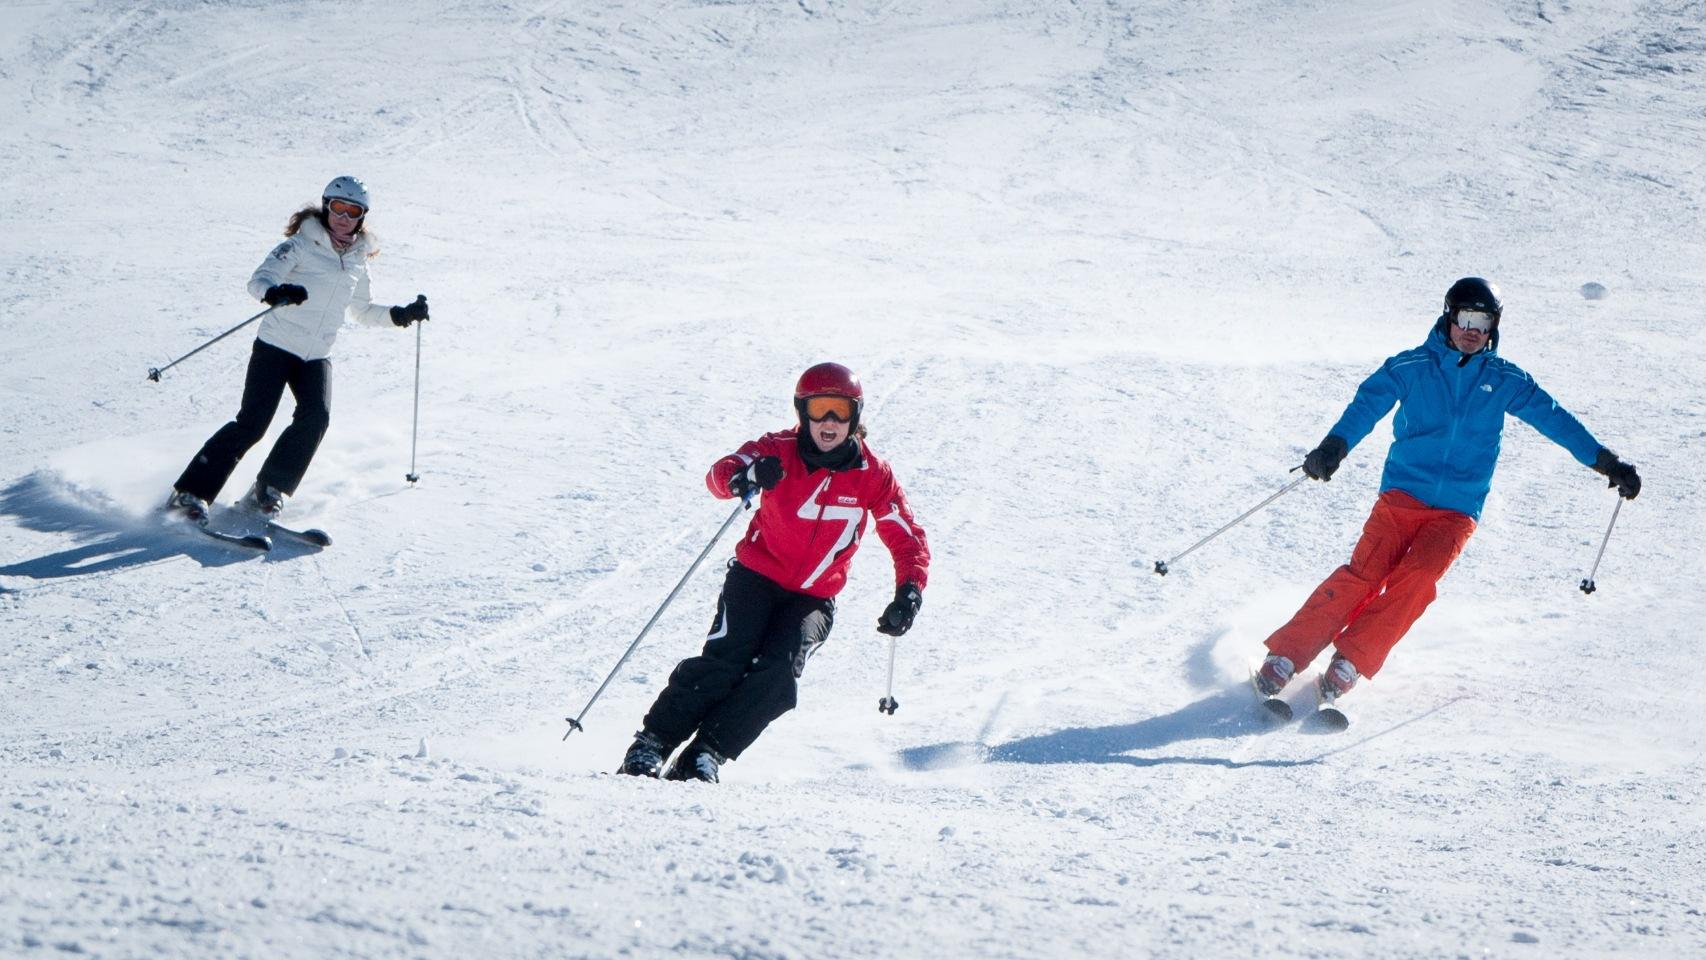 【韓國江原道】伊利希安江村滑雪場體驗一日遊